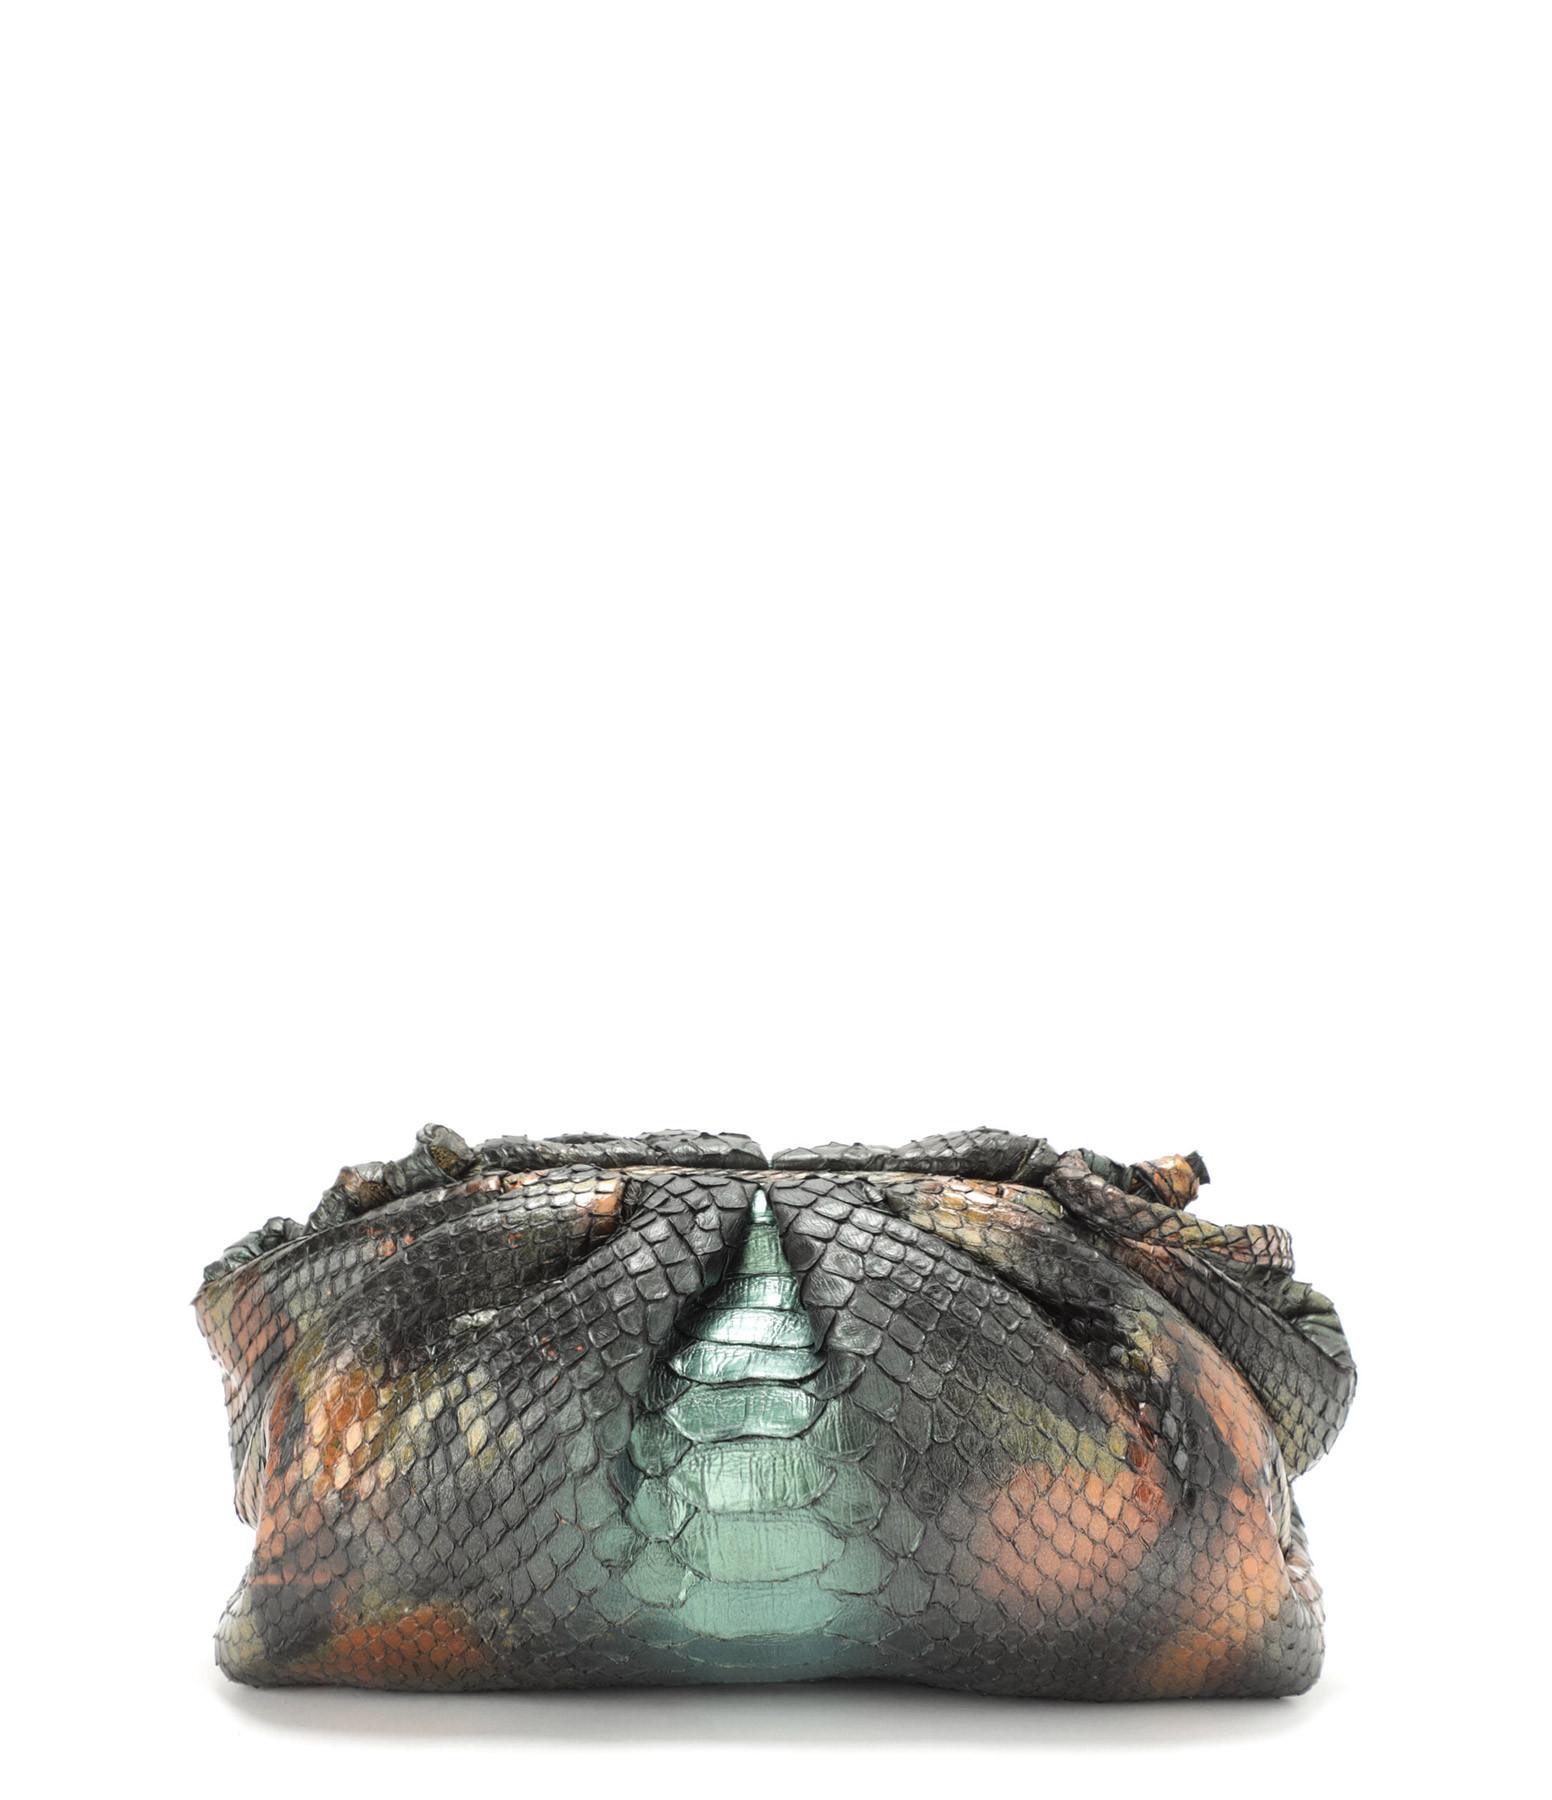 SISTA - Sac Baby Cuir Souple Python Multicolore